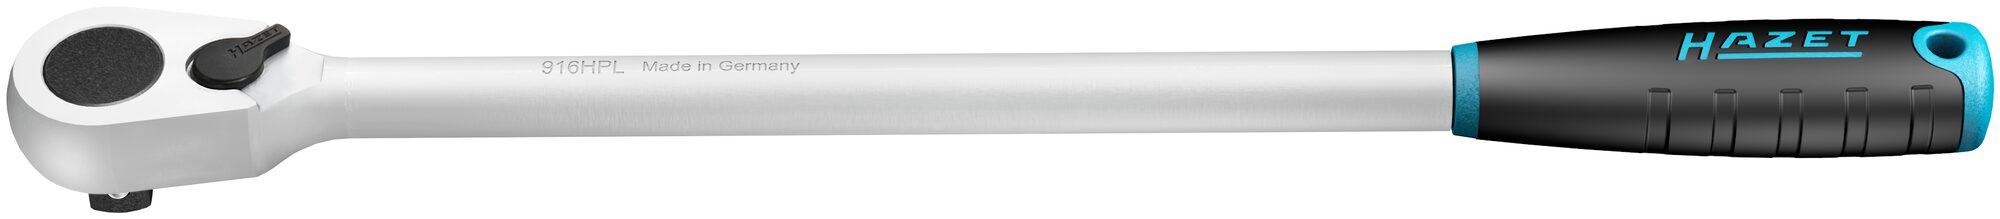 HAZET HiPer Feinzahn-Umschaltknarre ∙ lang 916HPL ∙ Vierkant massiv 12,5 mm (1/2 Zoll)